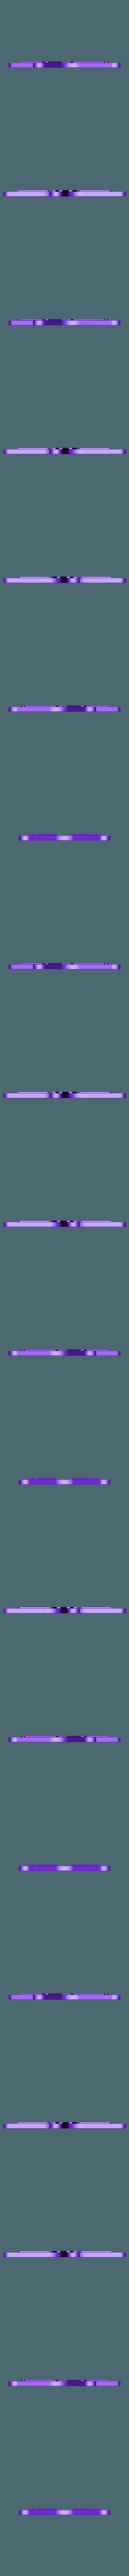 quad_light_4x45.stl Télécharger fichier STL gratuit Quadruple cadre • Modèle imprimable en 3D, touchthebitum